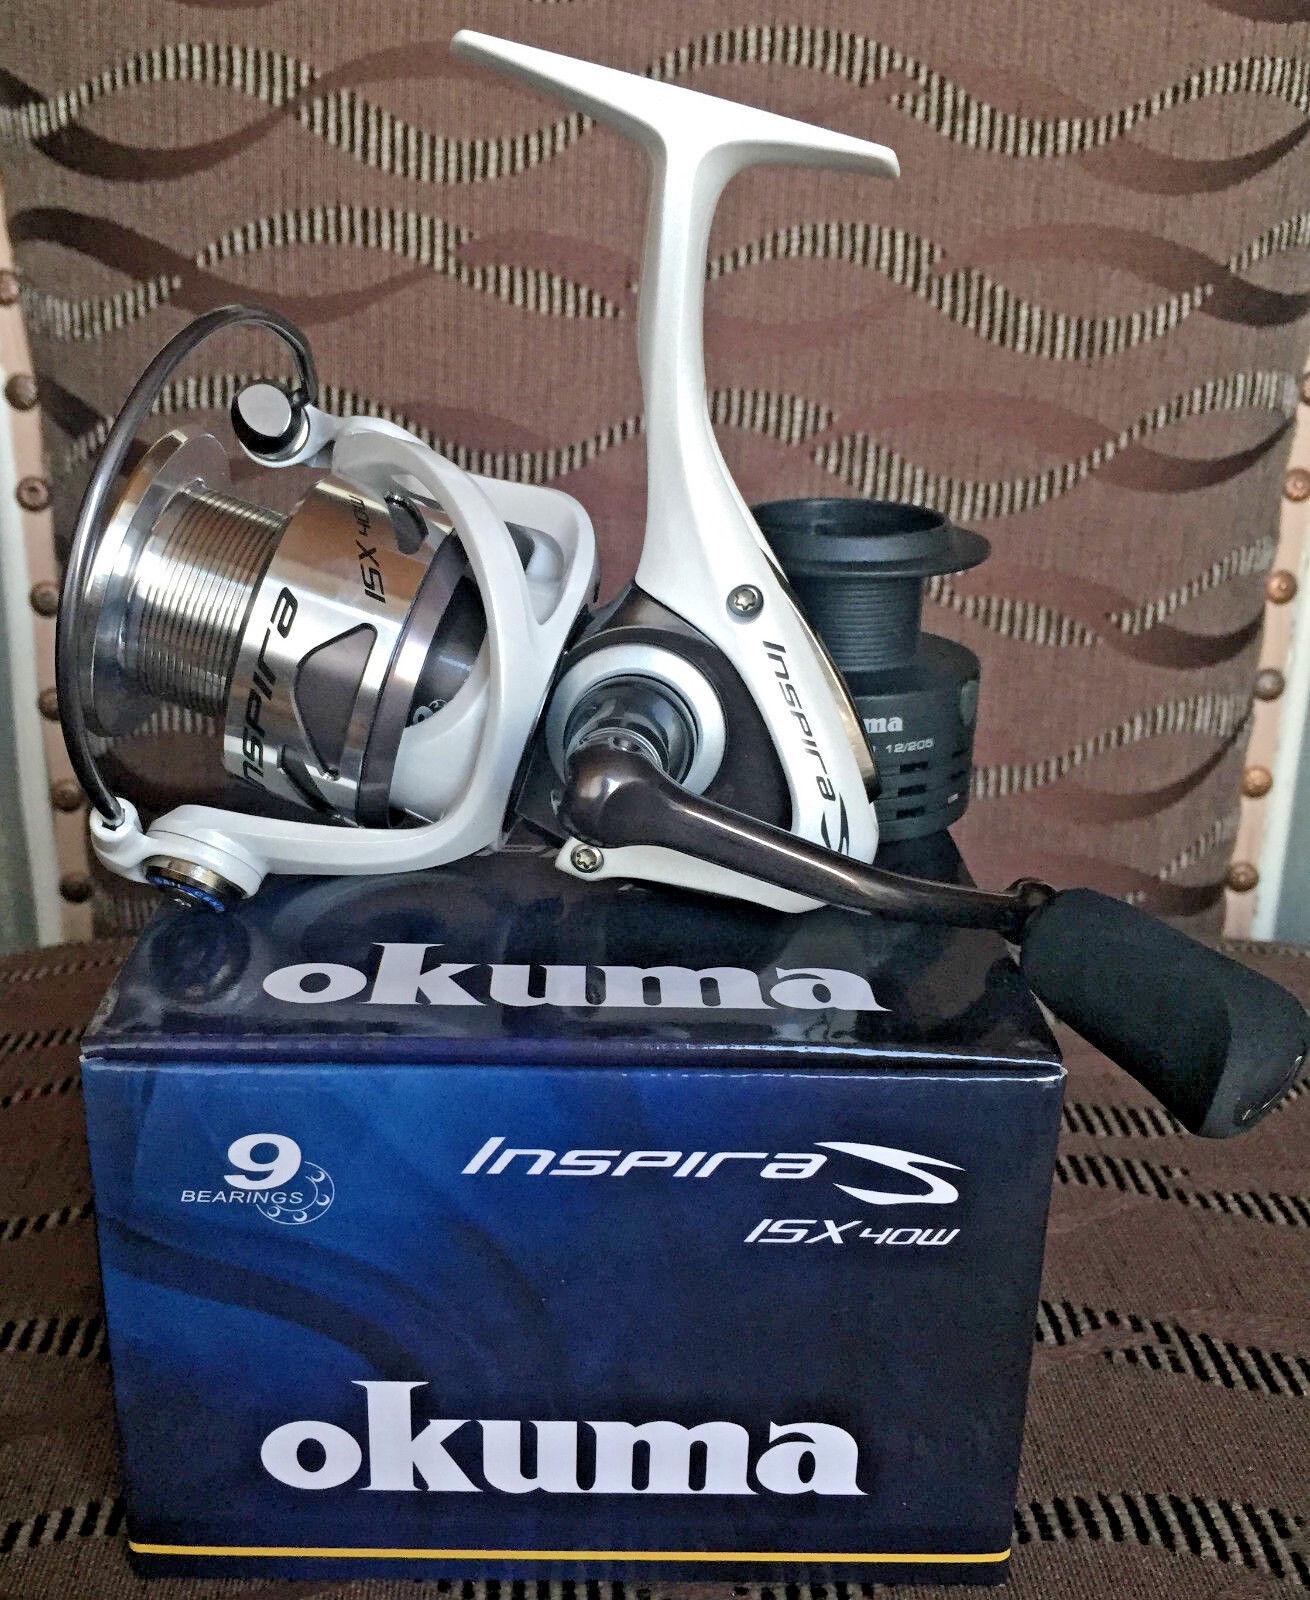 Okuma FD Inspira ISX-40W FD Okuma Spinnrolle defda5